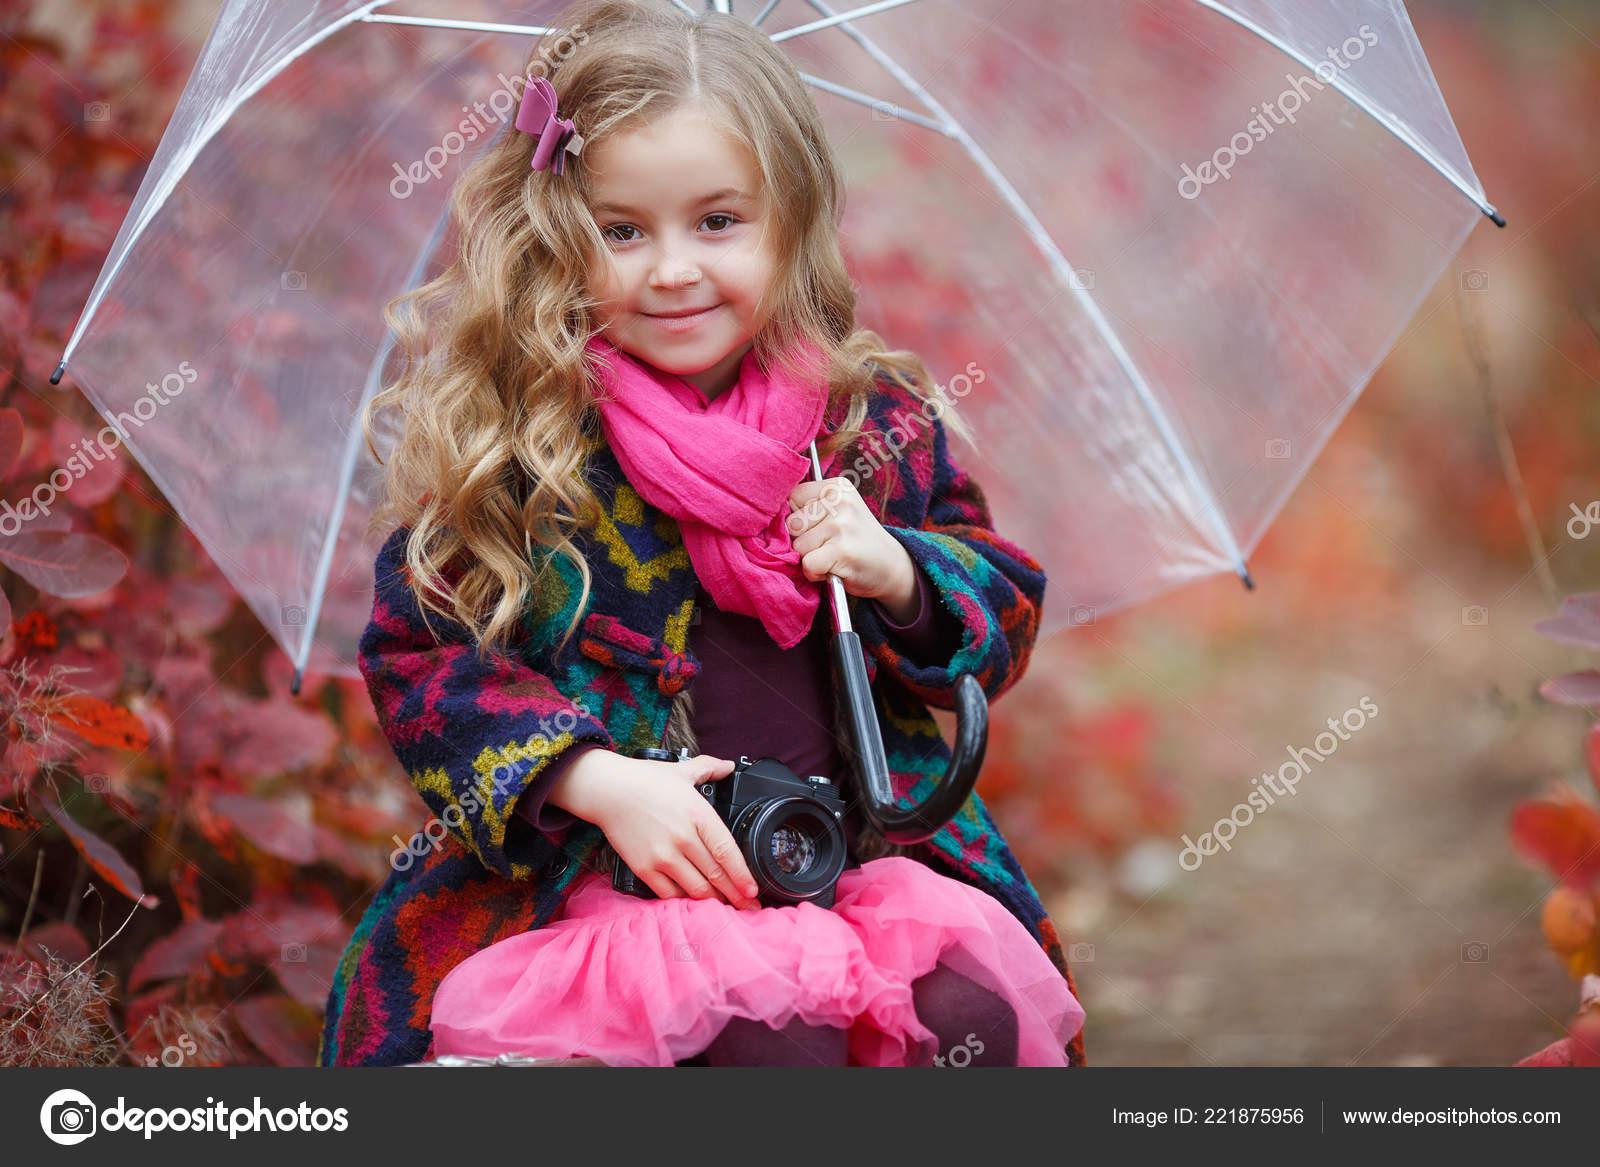 Mignonne petite fille jouant avec feuilles d or. Heureux enfant marchant  dans le parc automne. Belle or en automne. Mode enfants automne. Jolie fille  avec ... 59e33678675